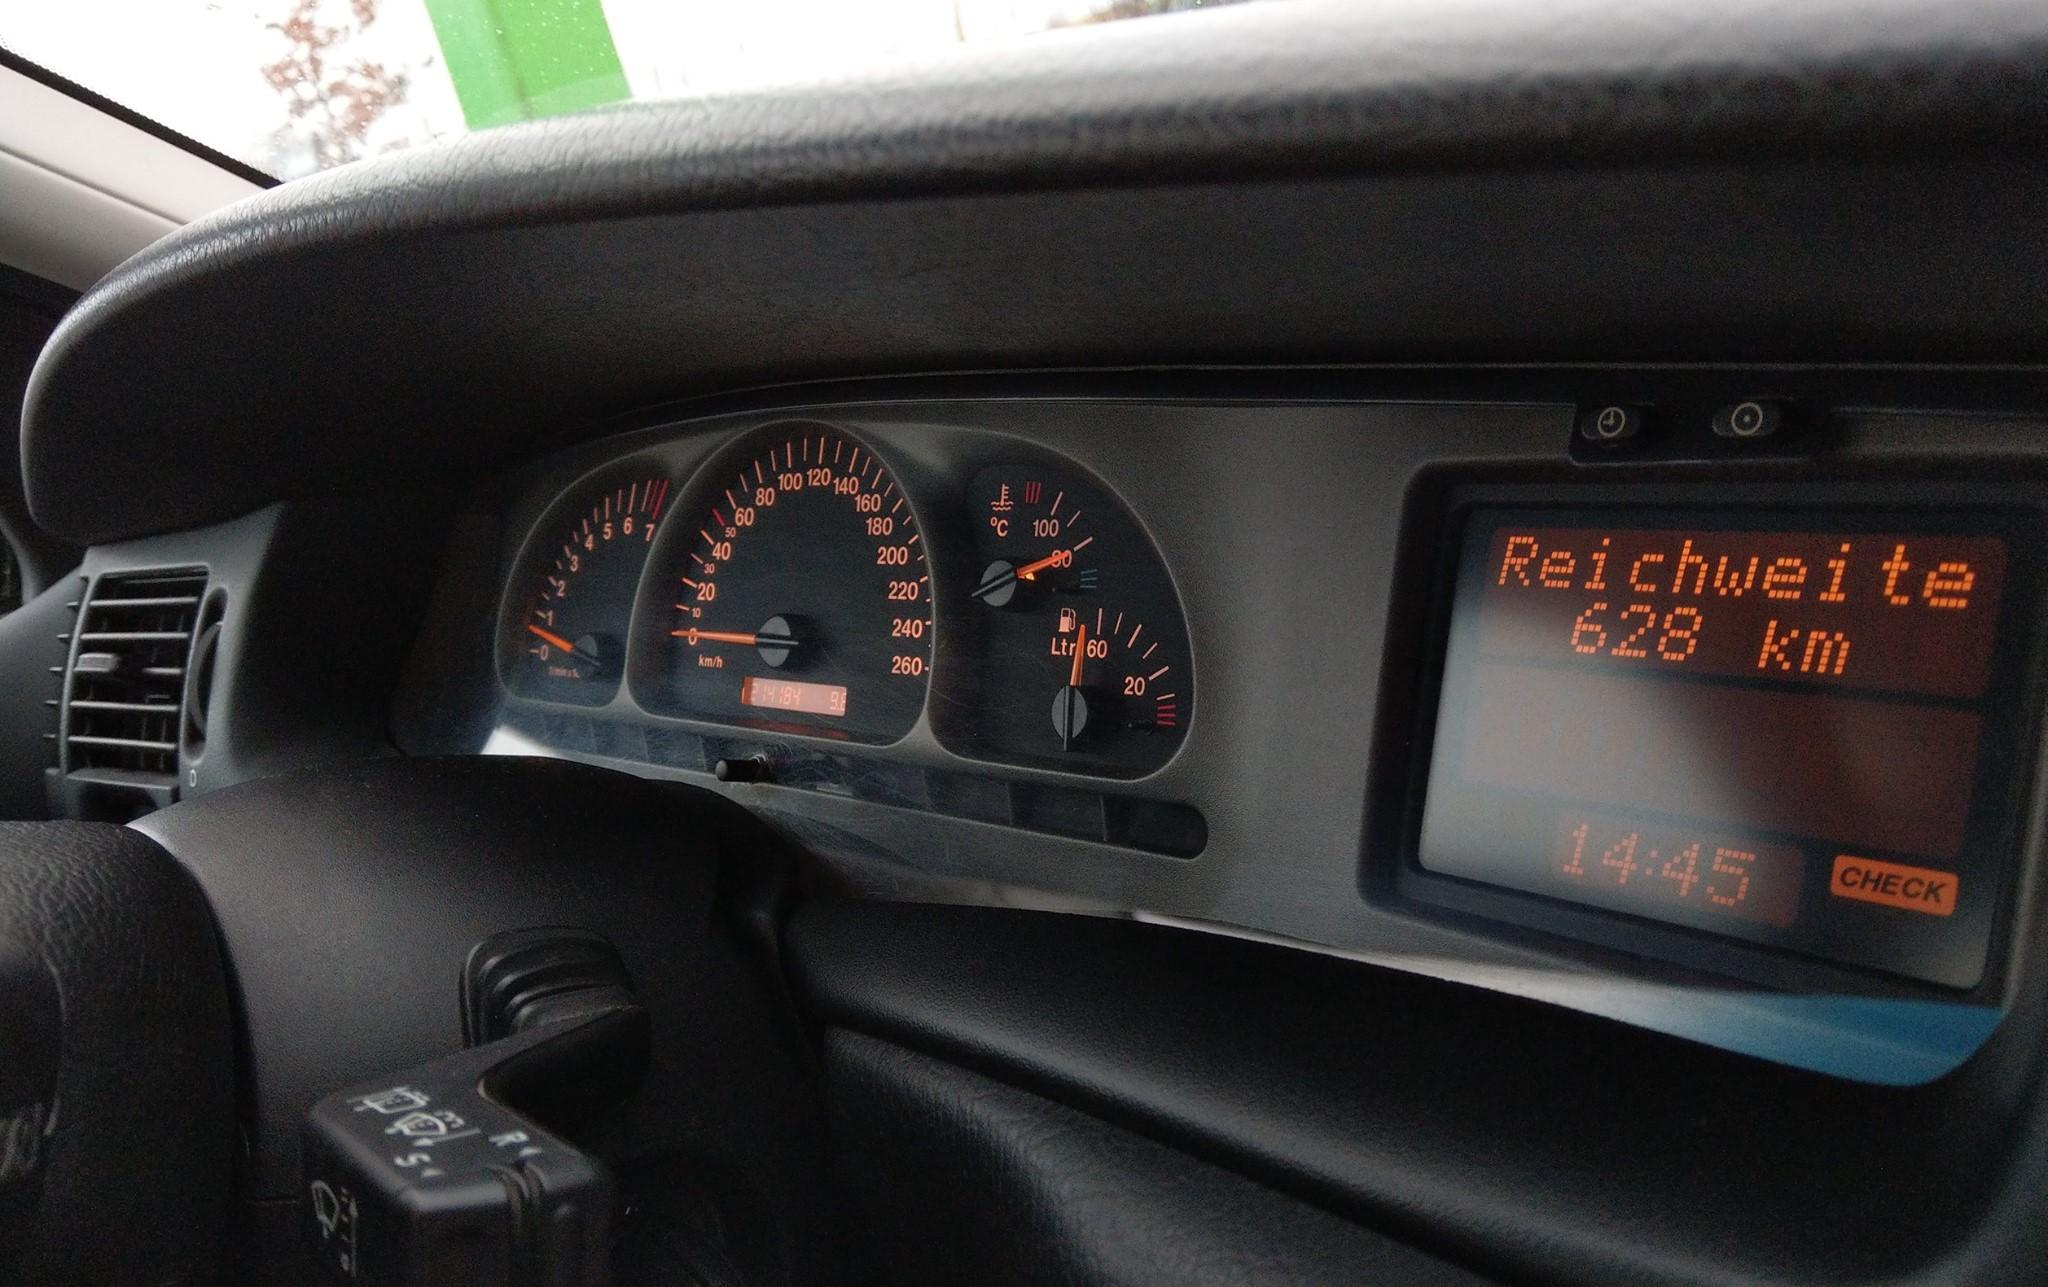 Vectra B Alltagsauto 26240904_1666749510052280_4927009421694061106_o